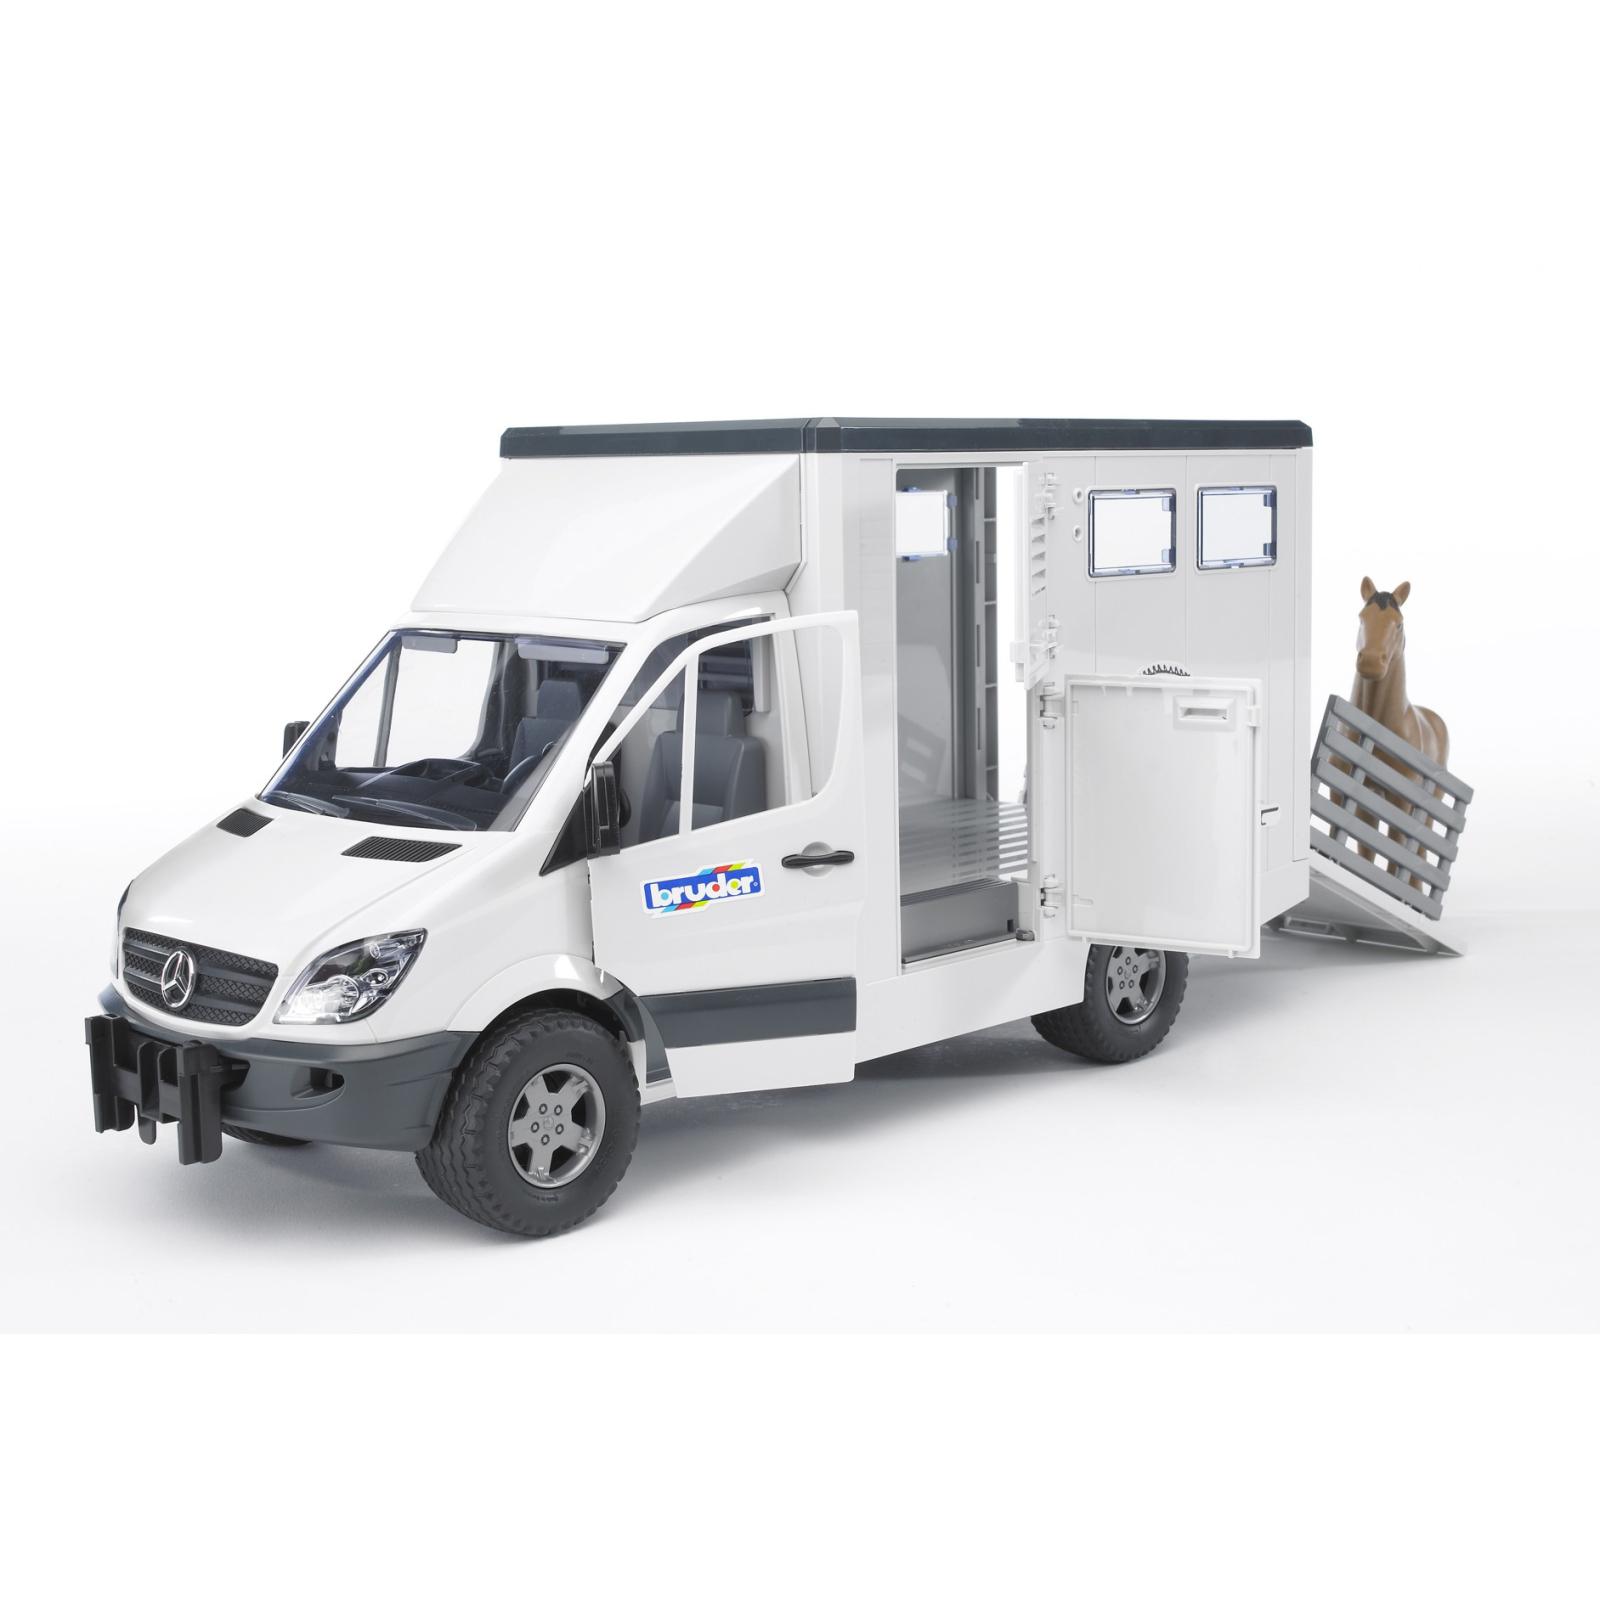 Спецтехника Bruder МВ Sprinter транспортер для животных + лошадка М1:16 (02533) изображение 3